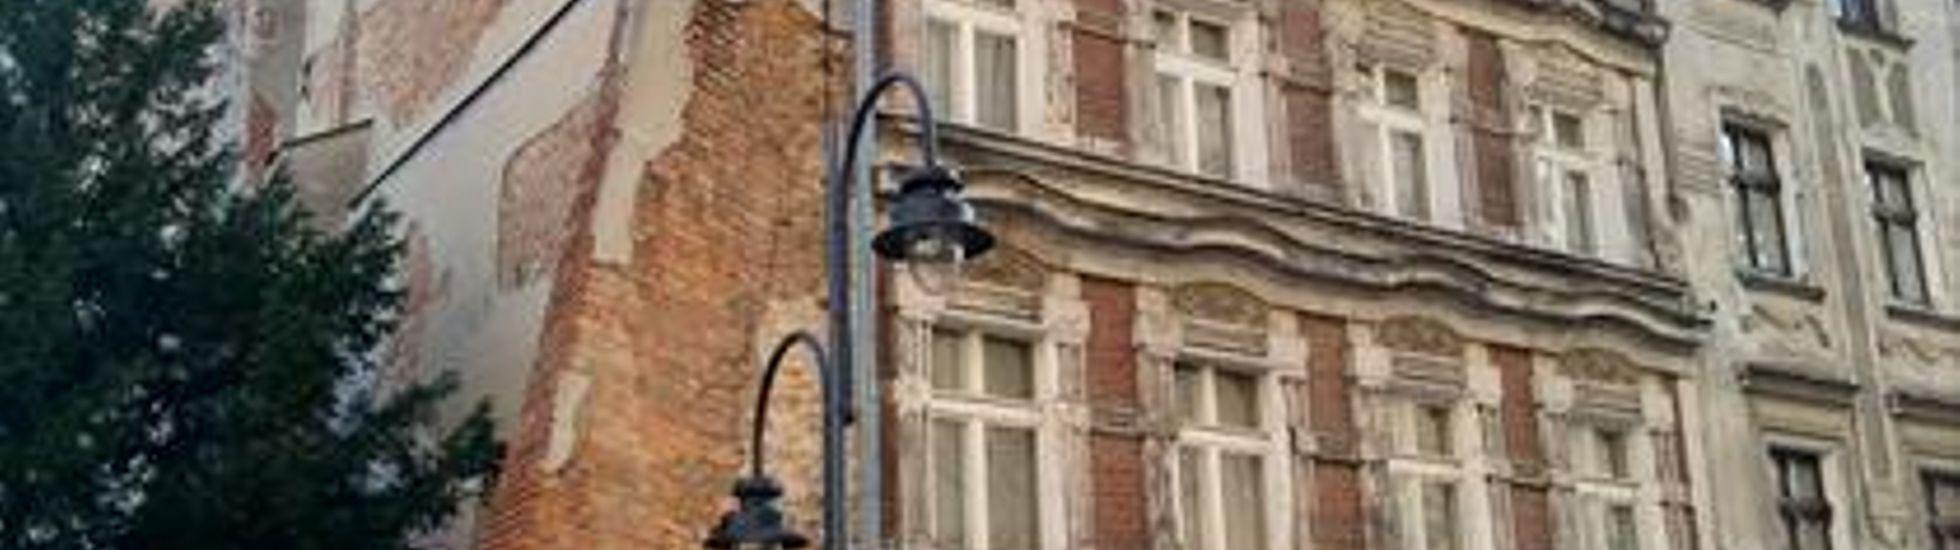 Zabytkowa kamienica przy Uniwersytecie Wrocławskim trafi pod młotek